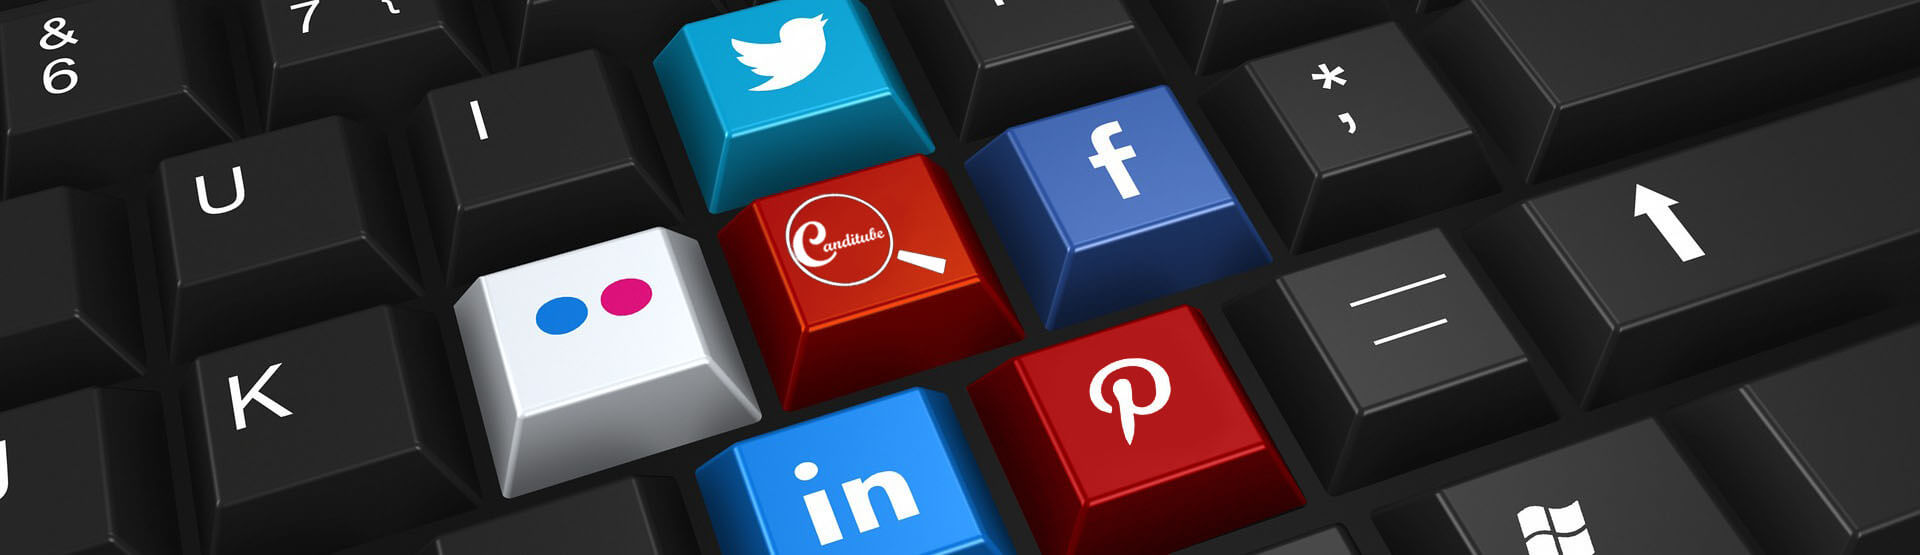 Un teclado negro con teclas de colores representando las principales redes sociales. En una de las teclas, se puede ver el logo de Canditube